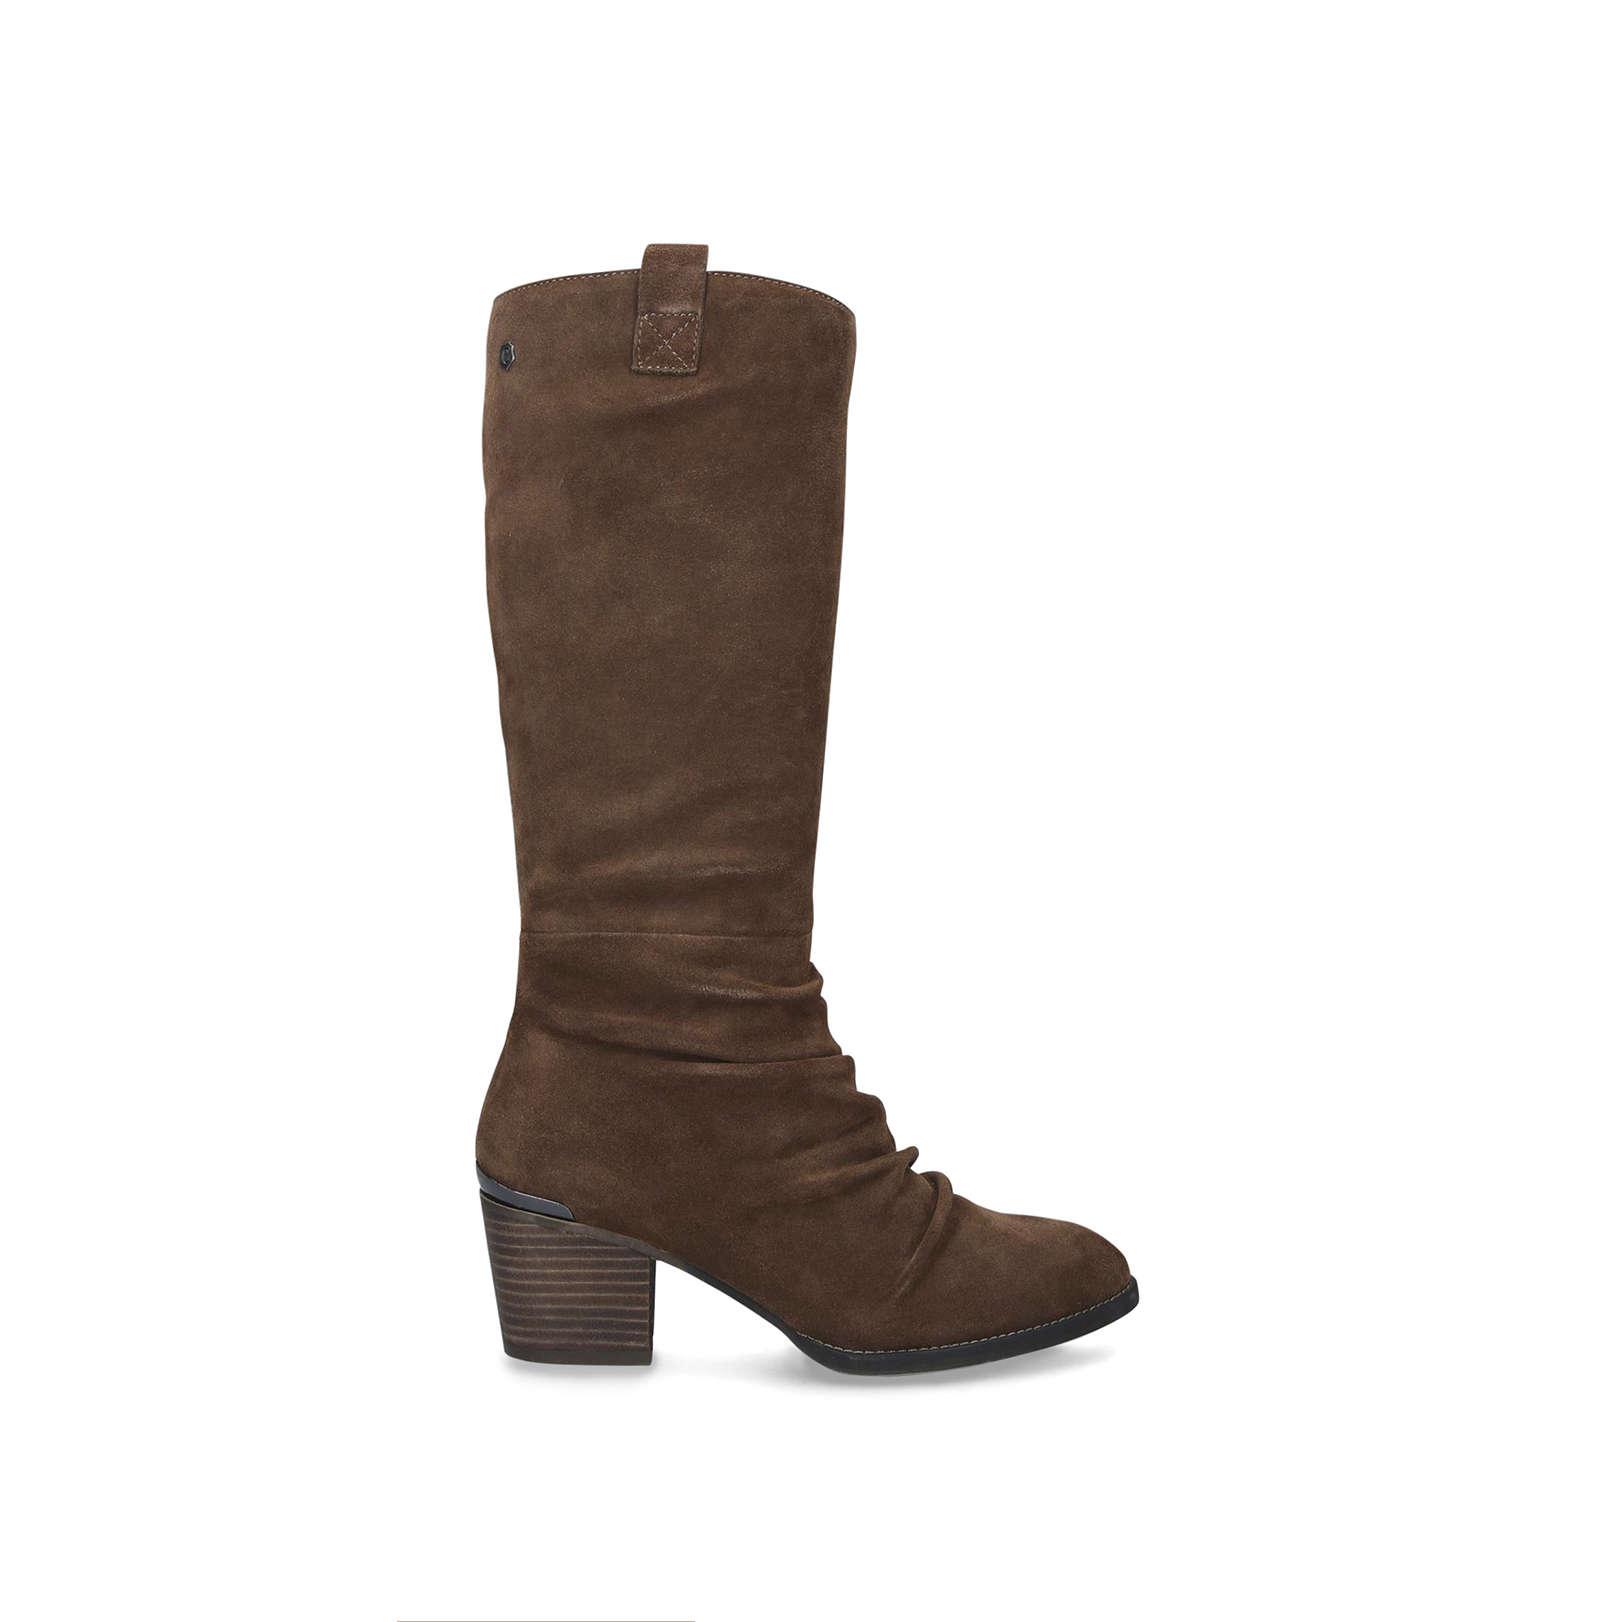 ELISSA - CARMELA High Leg Boots